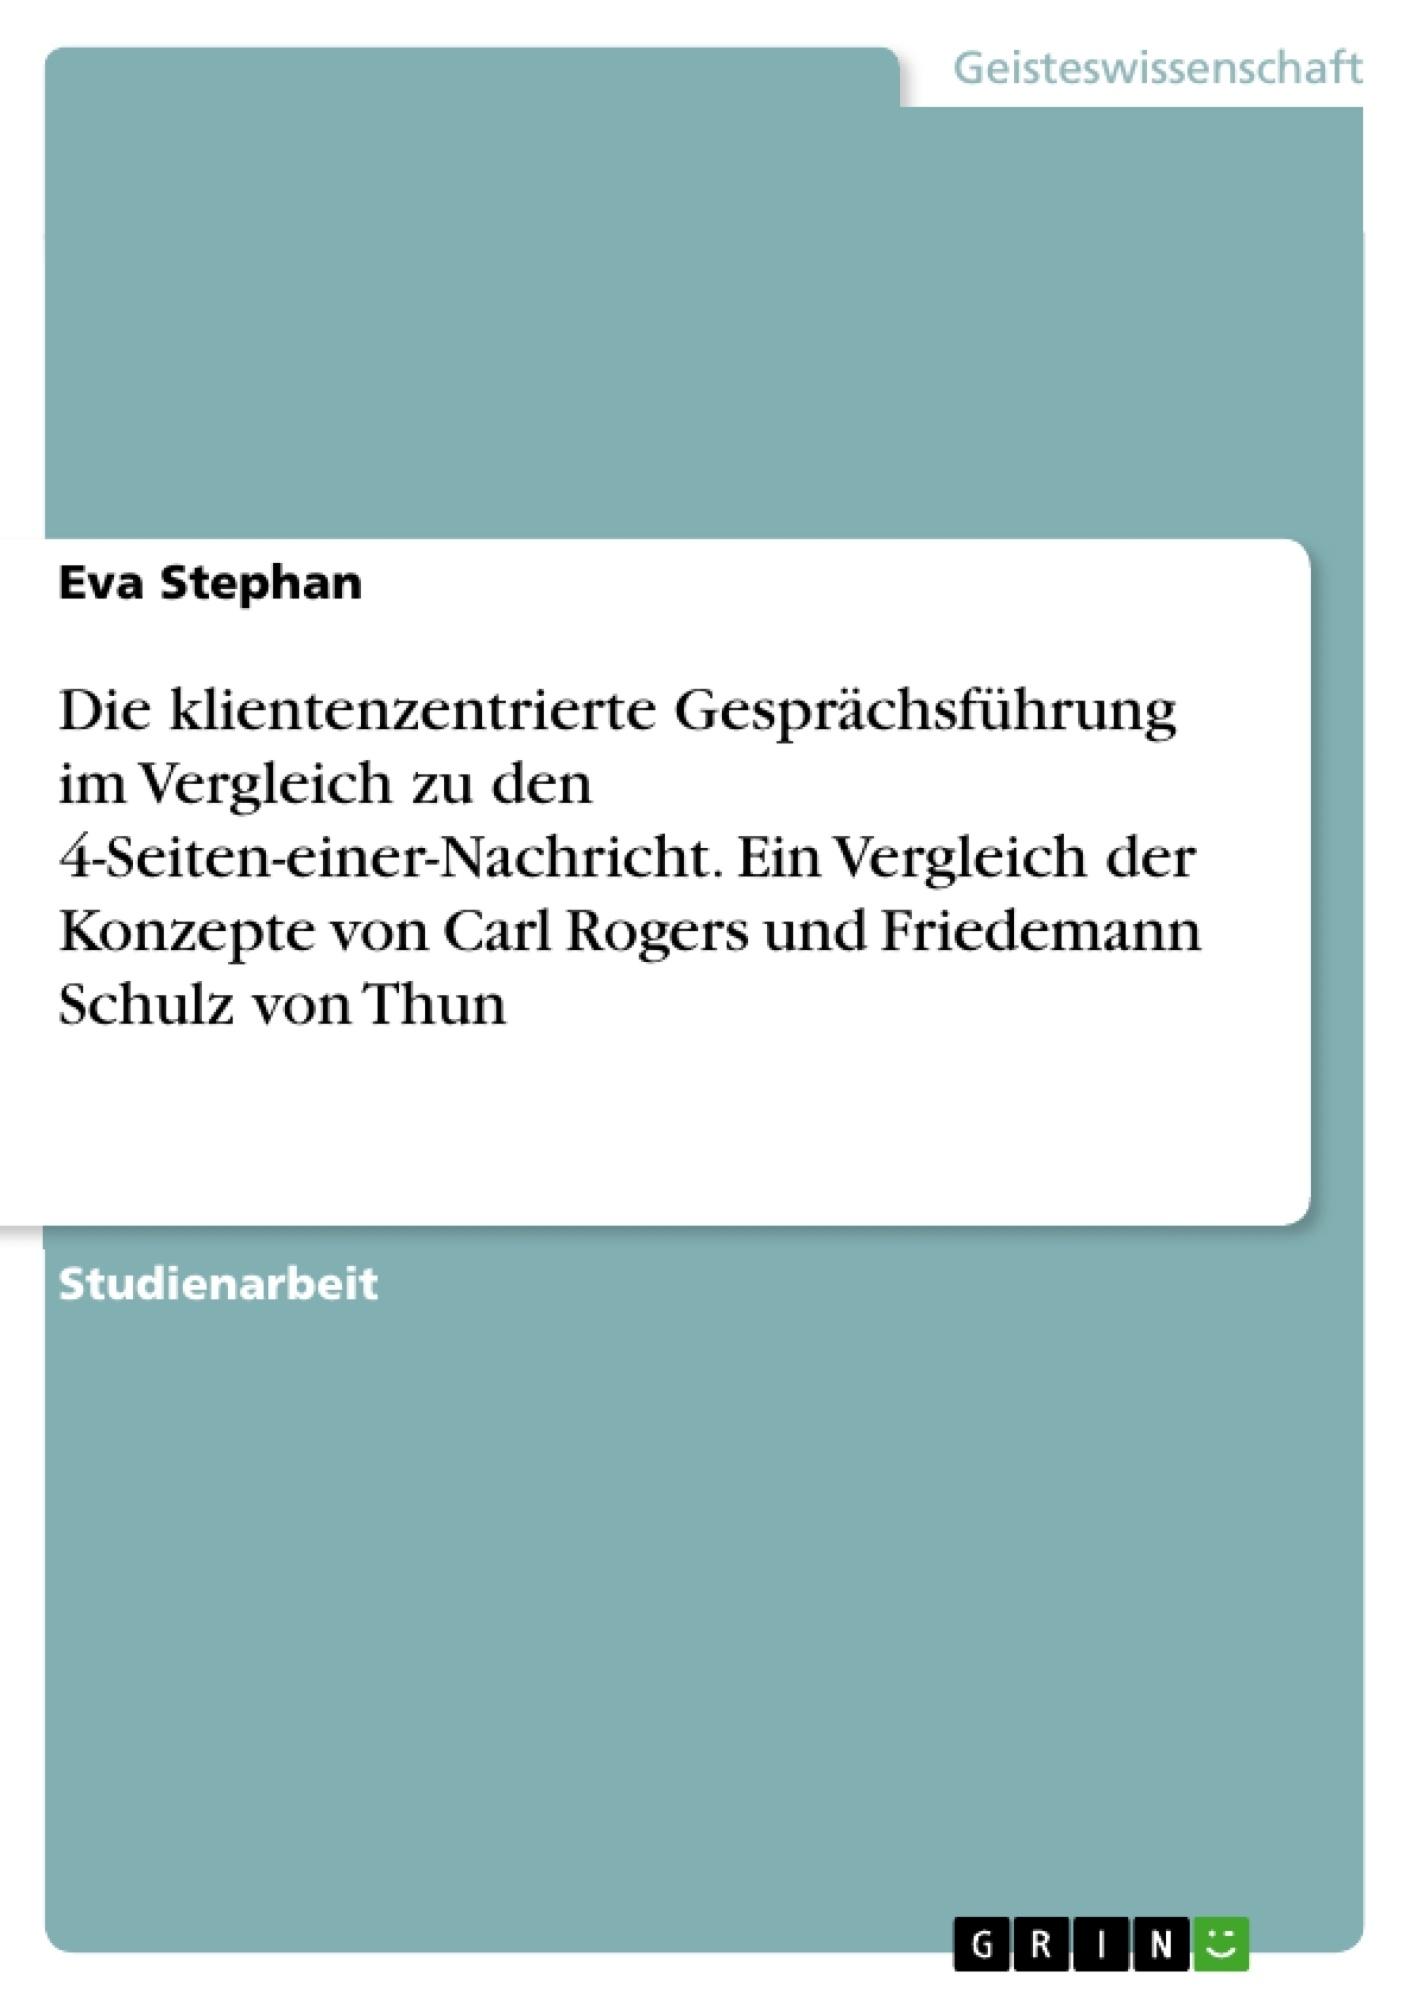 Titel: Die klientenzentrierte Gesprächsführung im Vergleich zu den 4-Seiten-einer-Nachricht. Ein Vergleich der Konzepte von Carl Rogers und Friedemann Schulz von Thun